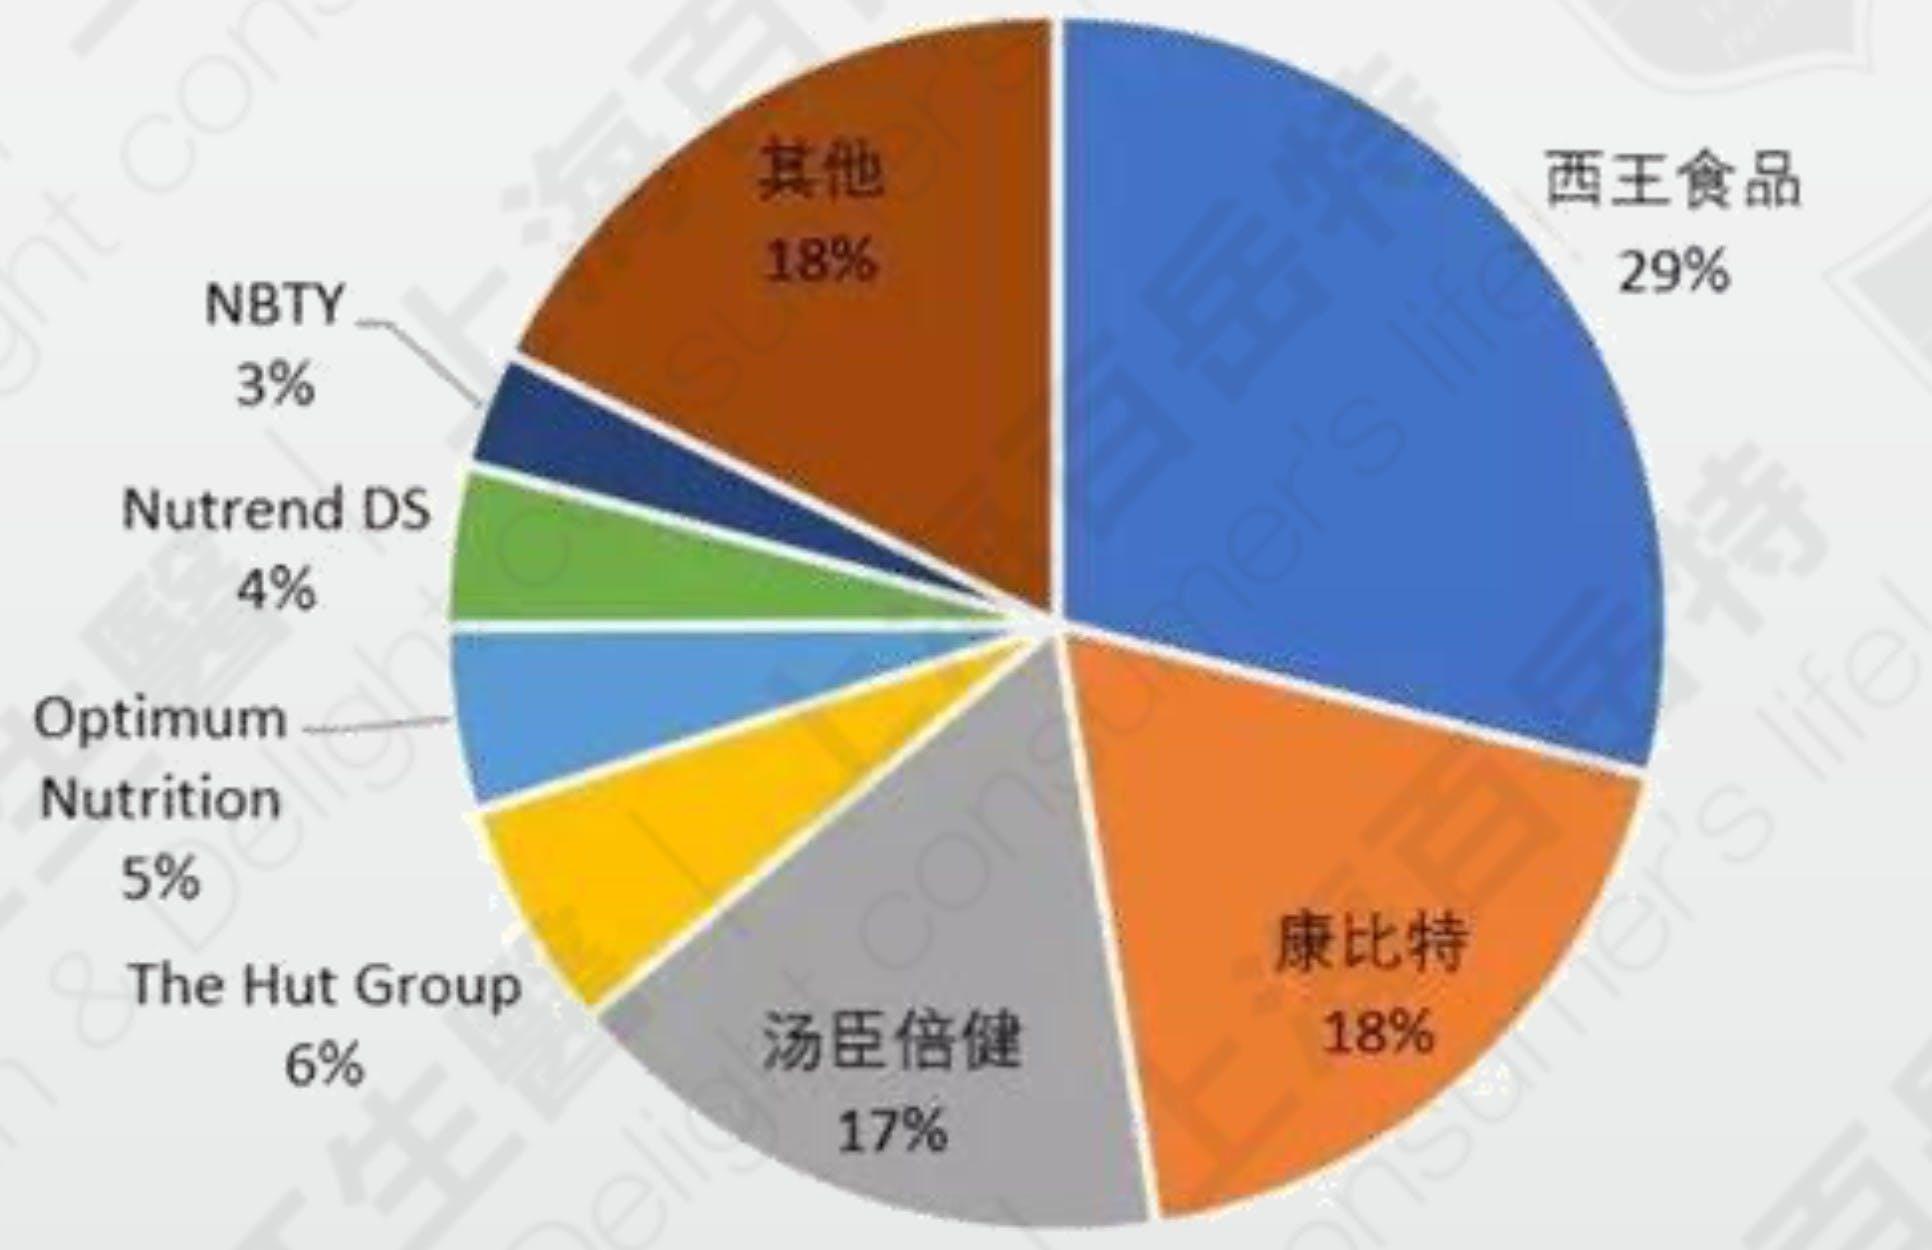 中国运动营养品市场竞争状况(2018) 资料来源:Euromonitor